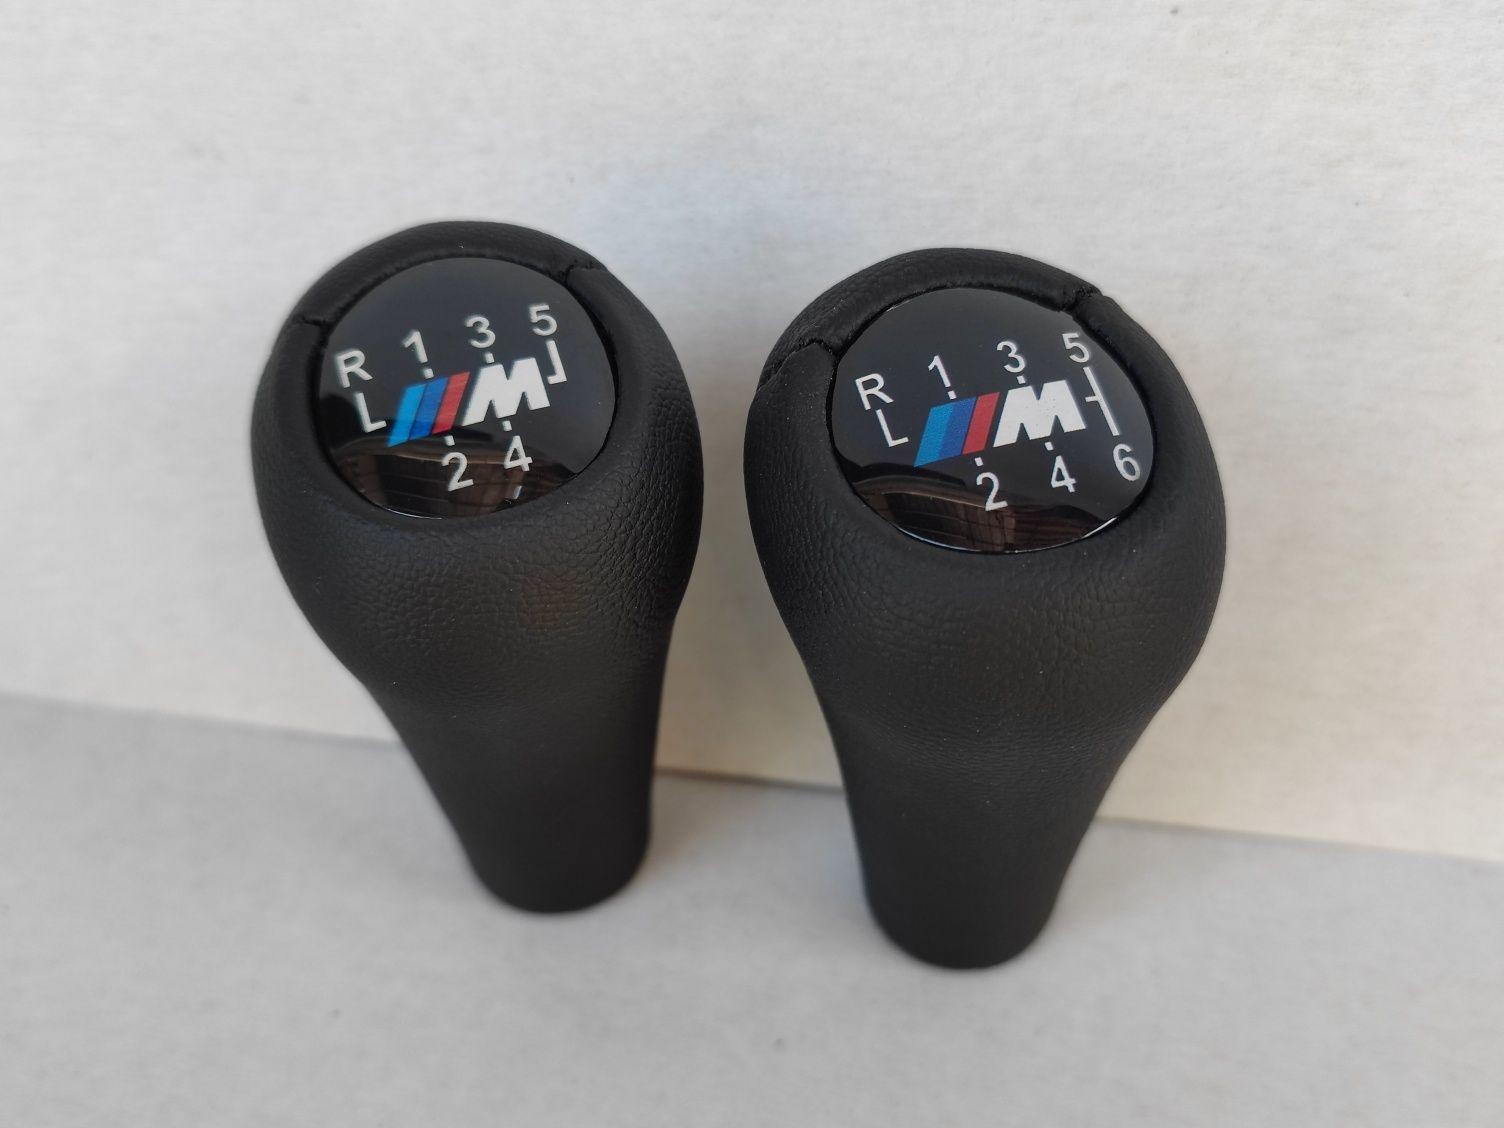 Топка за скоростен лост БМВ BMW M 1982-2007г 5-6 скорости E36 E46 E39